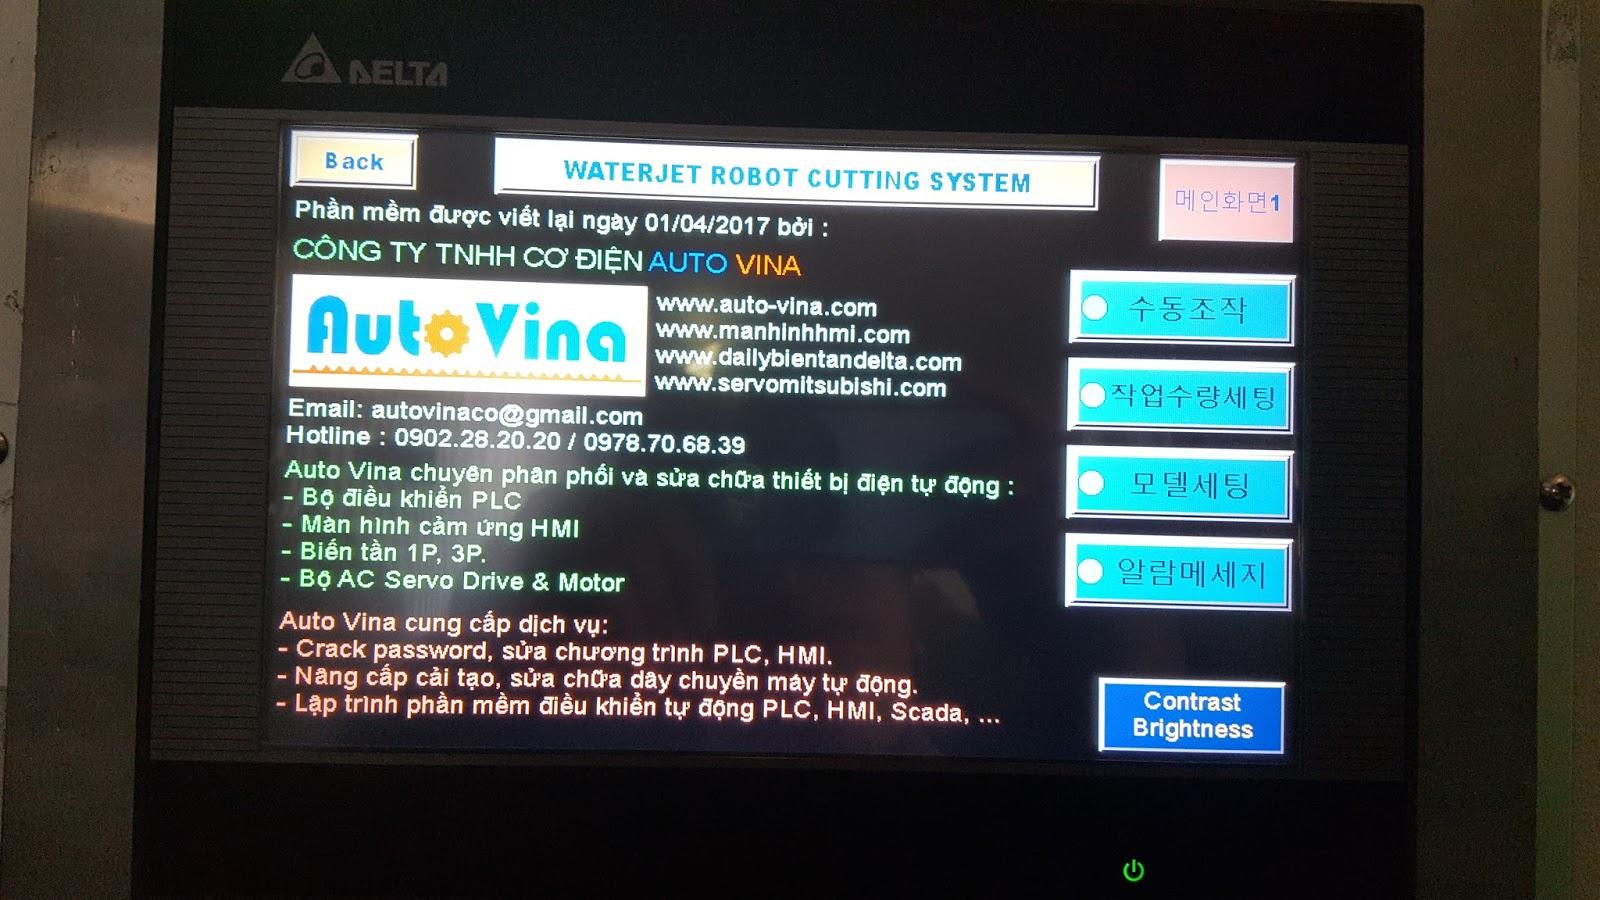 Thông tin giới thiệu Auto Vina trên màn hình Delta DOP-B10S411